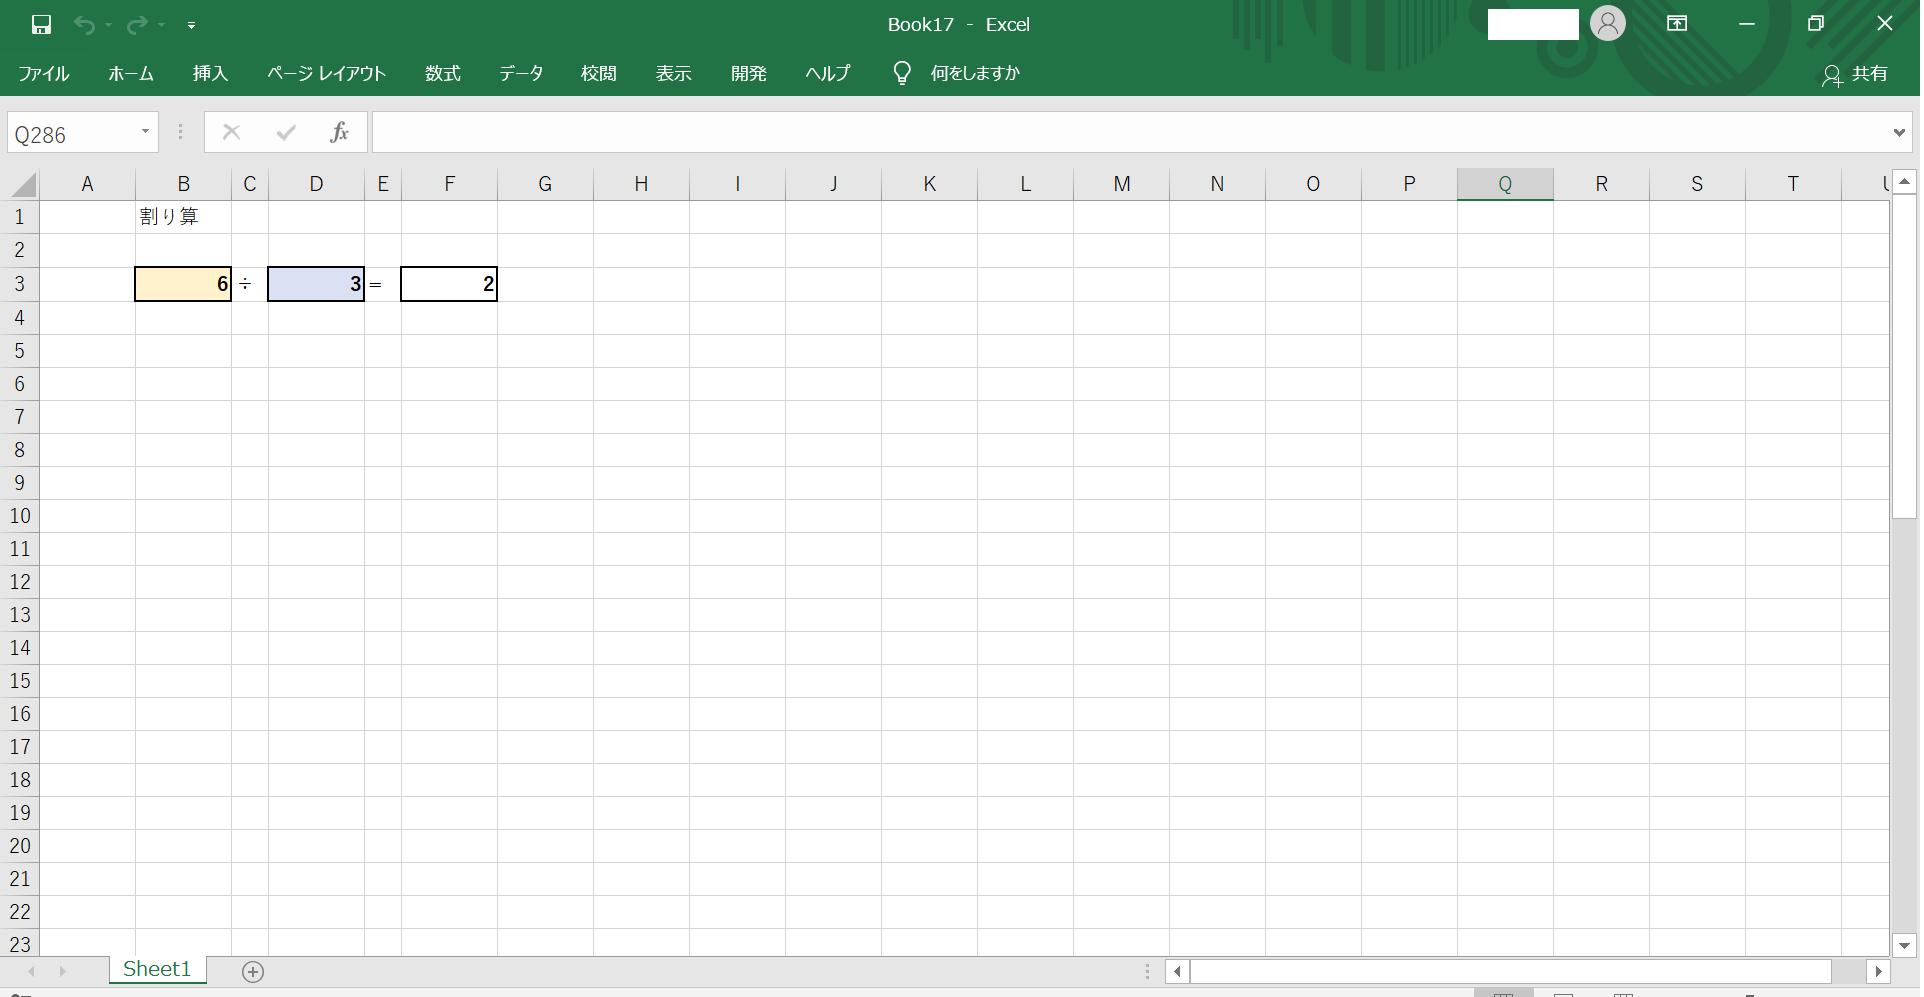 ブックに数値入力後の処理結果(正常)イメージ